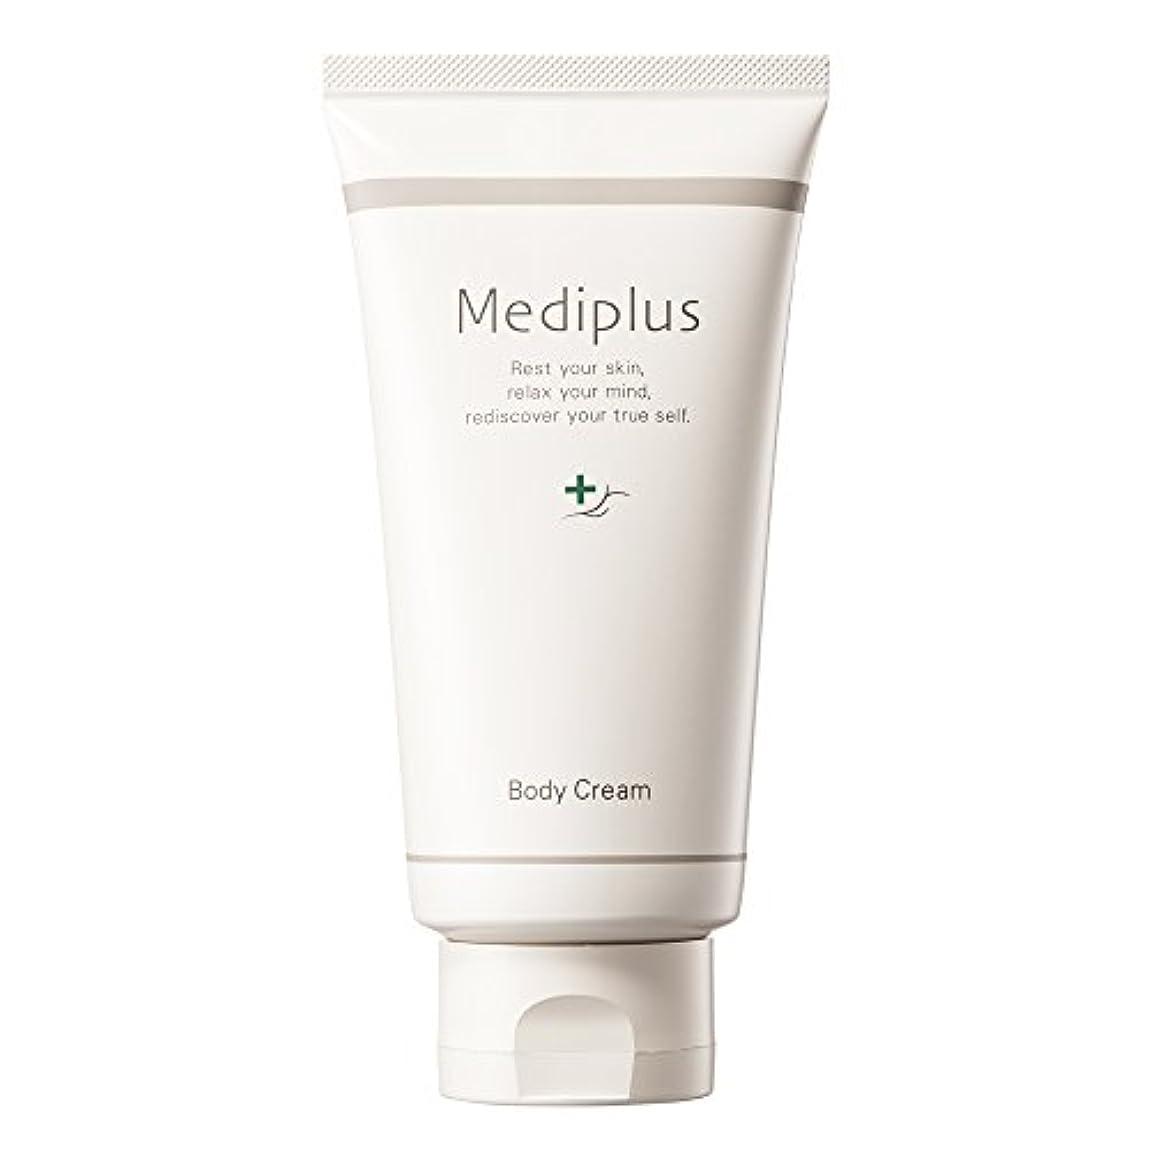 袋展開するビーチmediplus メディプラスボディクリーム 150g(約2ヵ月分)